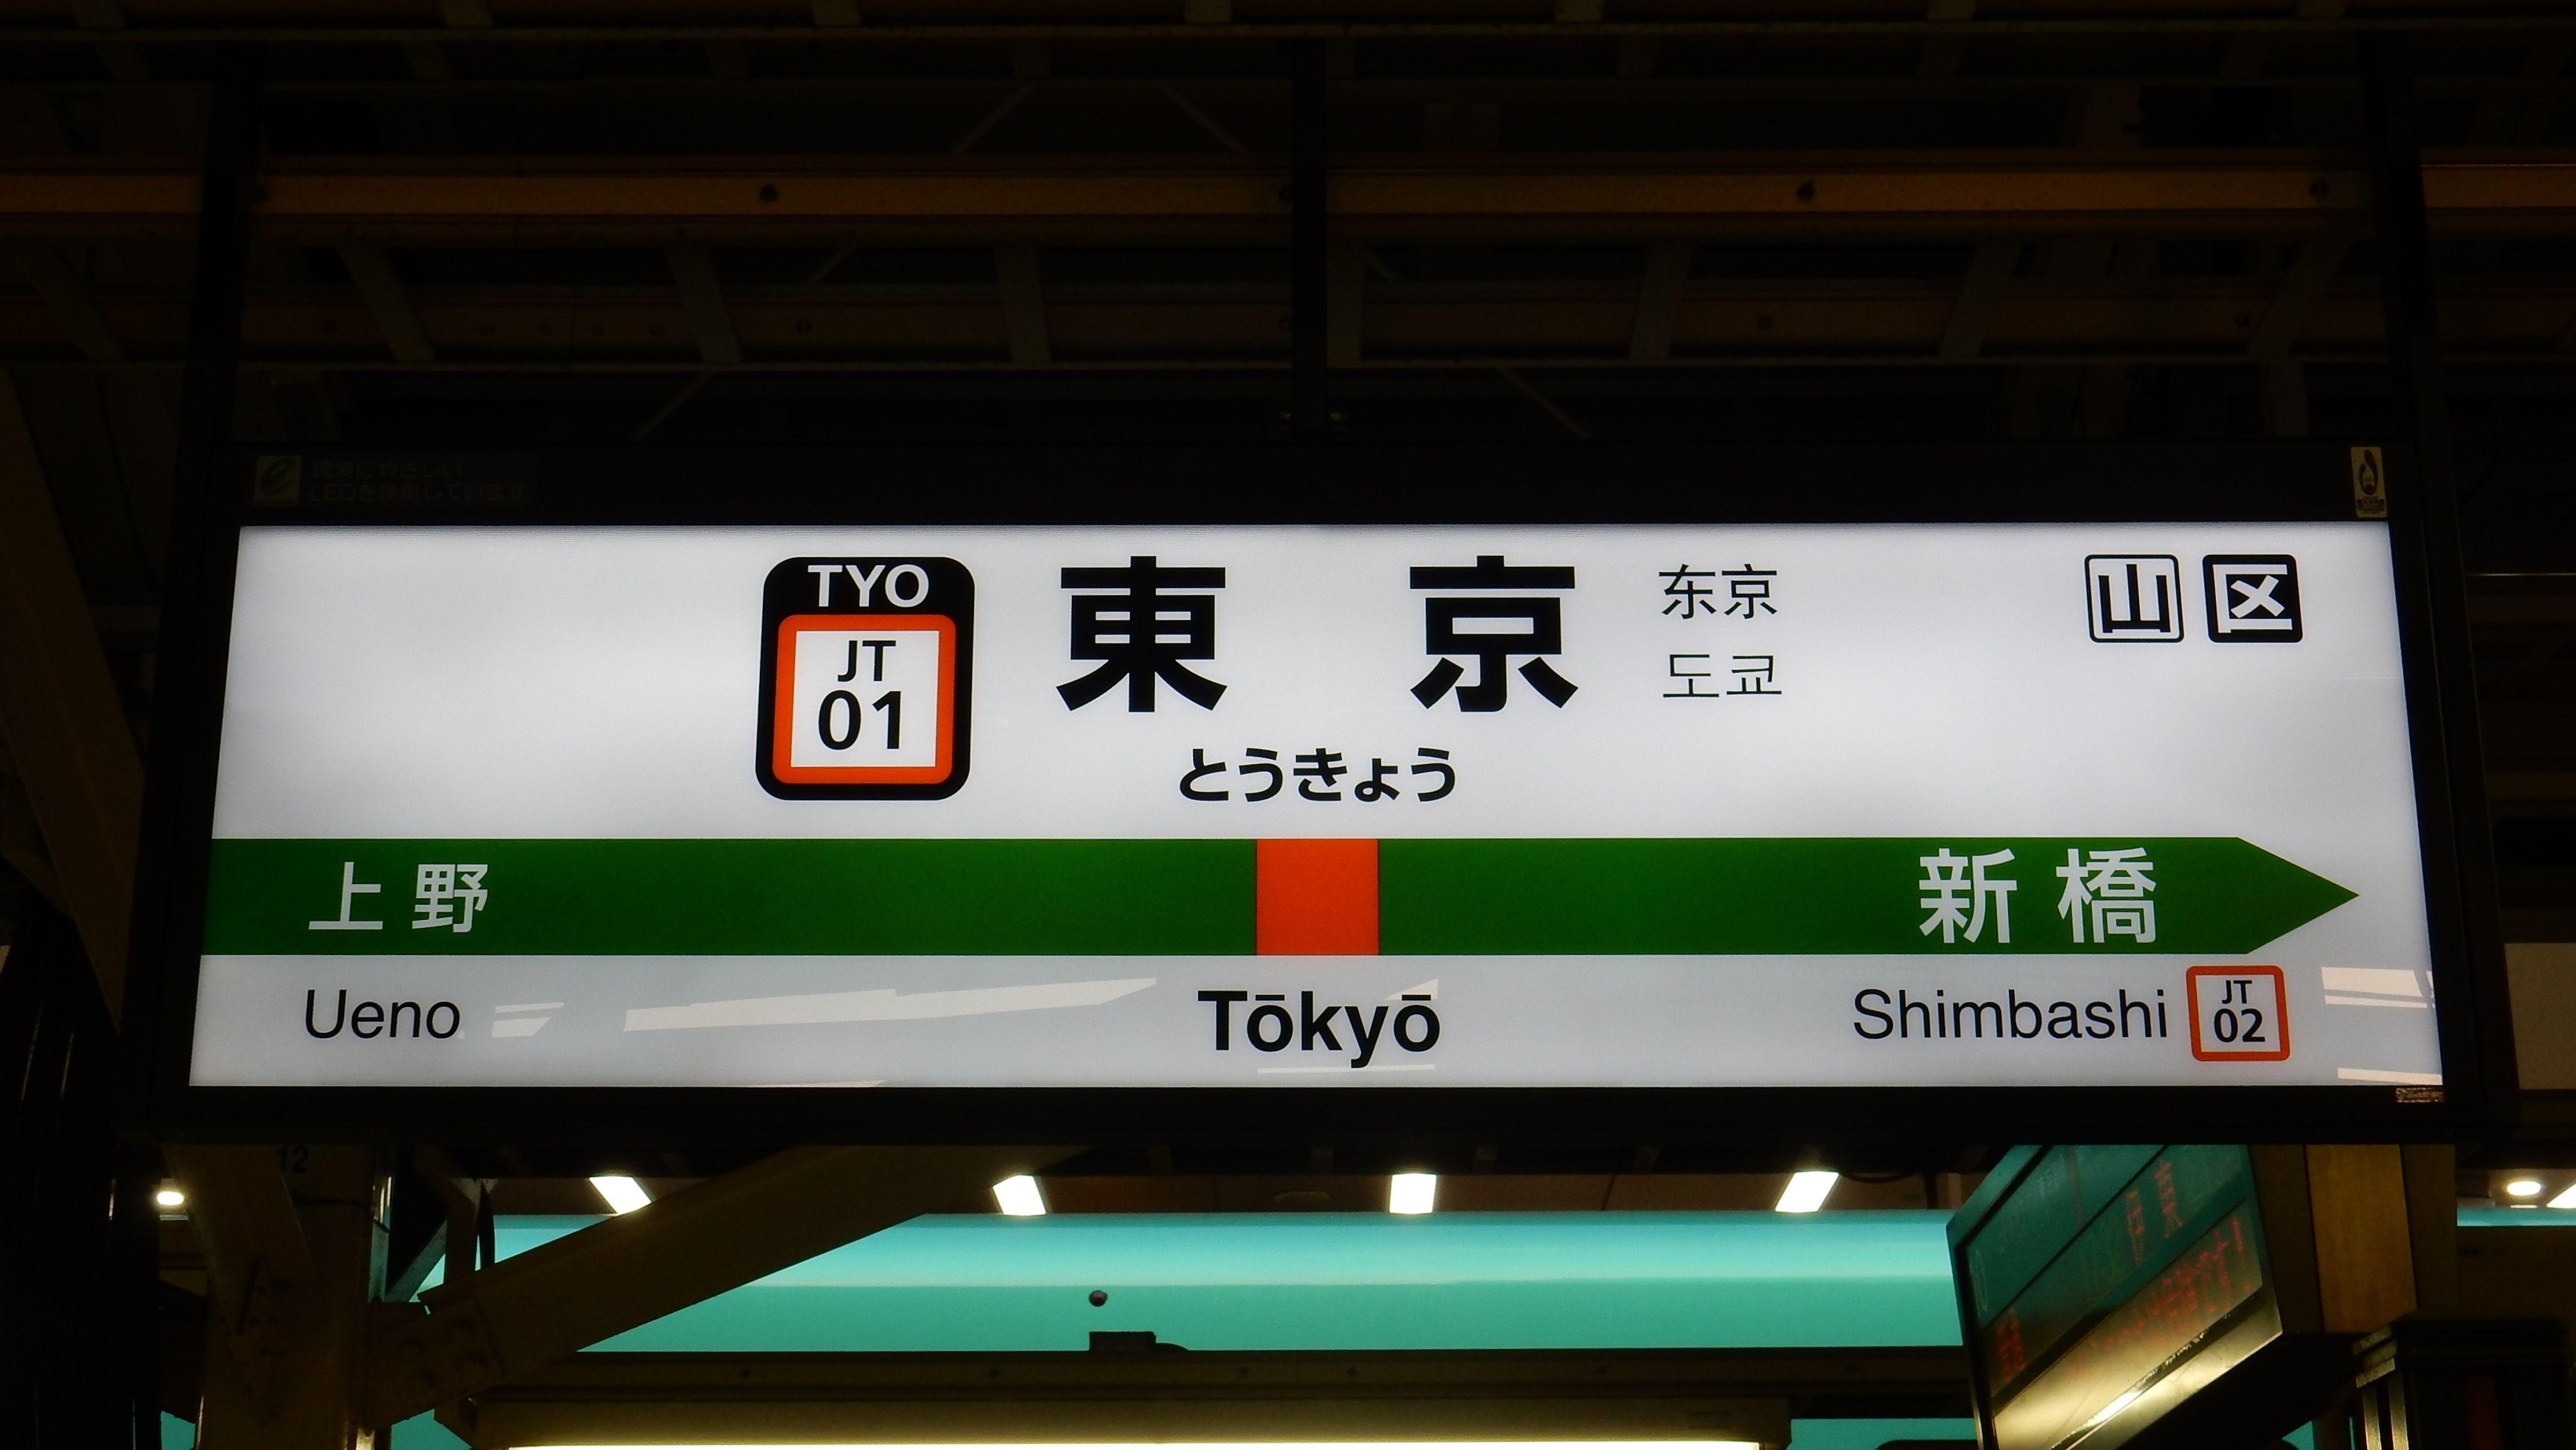 東海道線ナンバリング駅名標一覧 : 松の木の鉄日常を綴るのんびりBlog